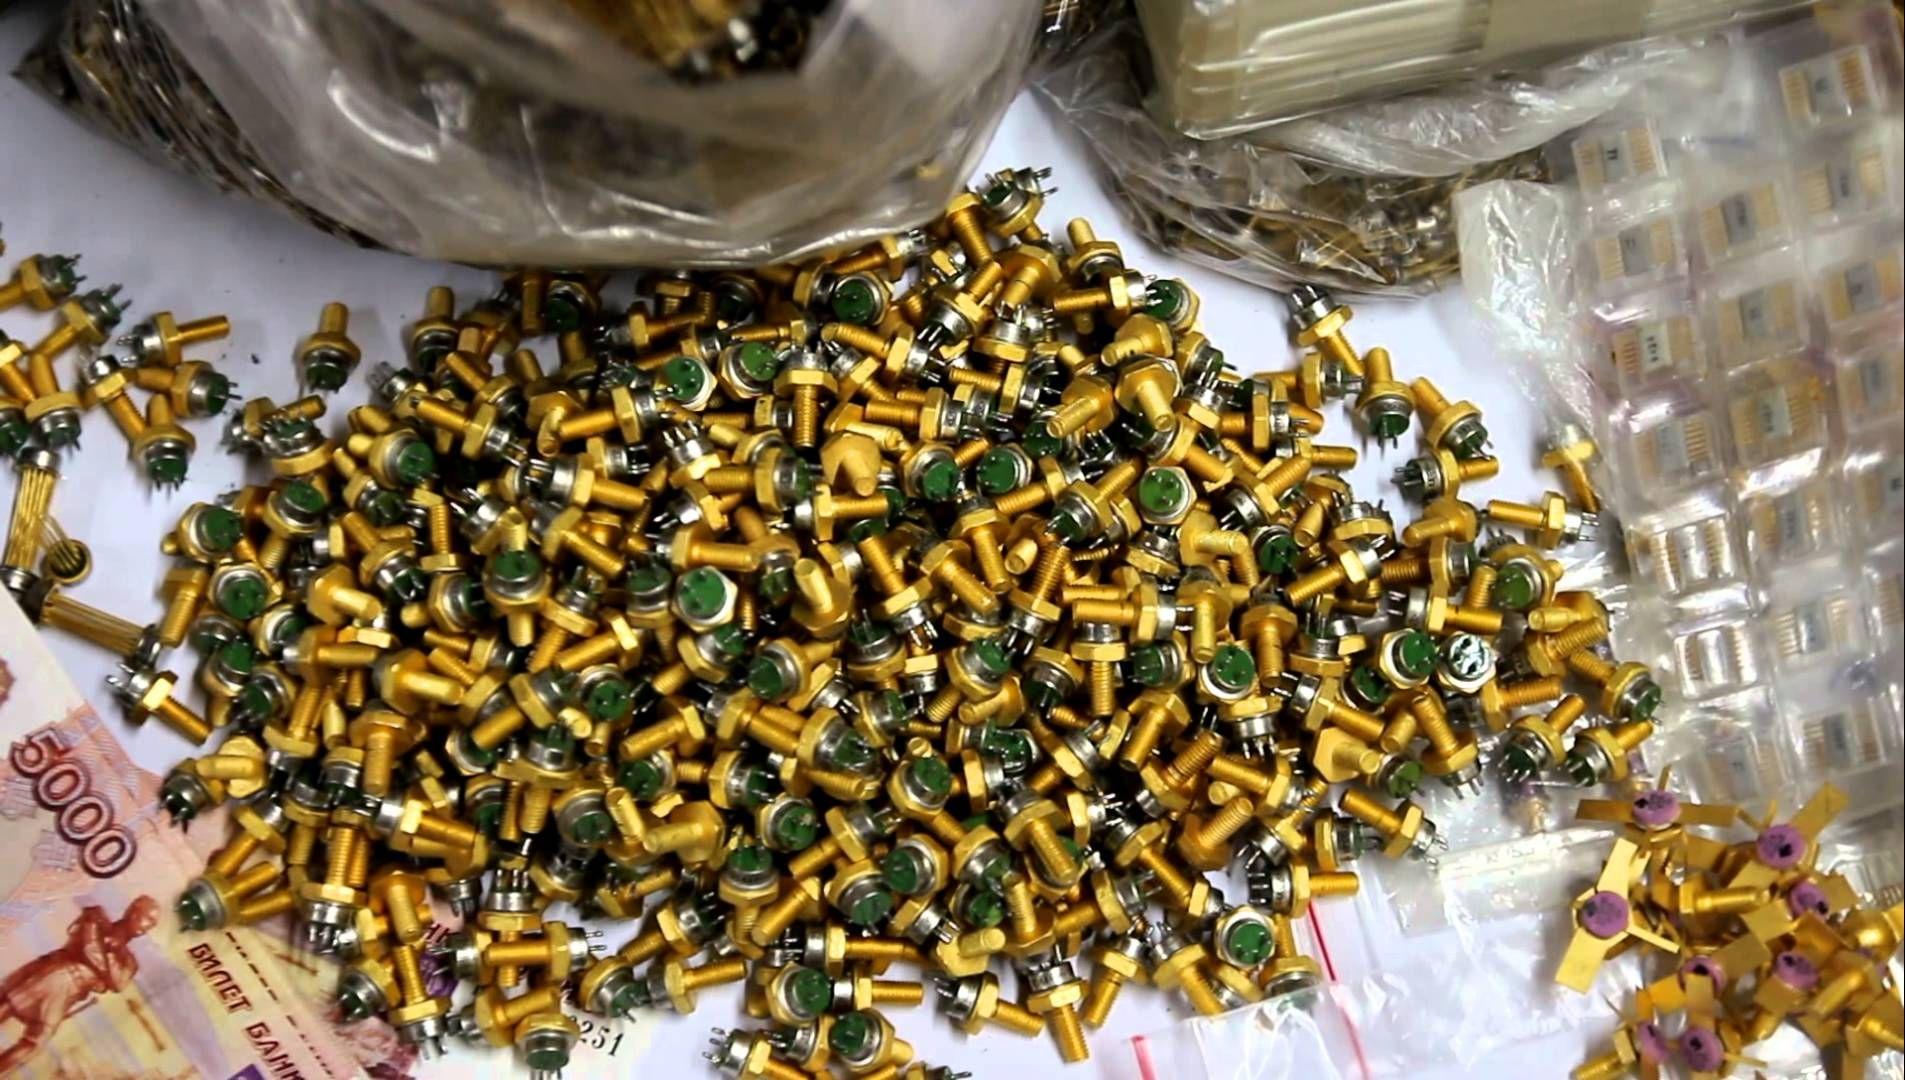 конденсатор фото в которых находится золото так давно